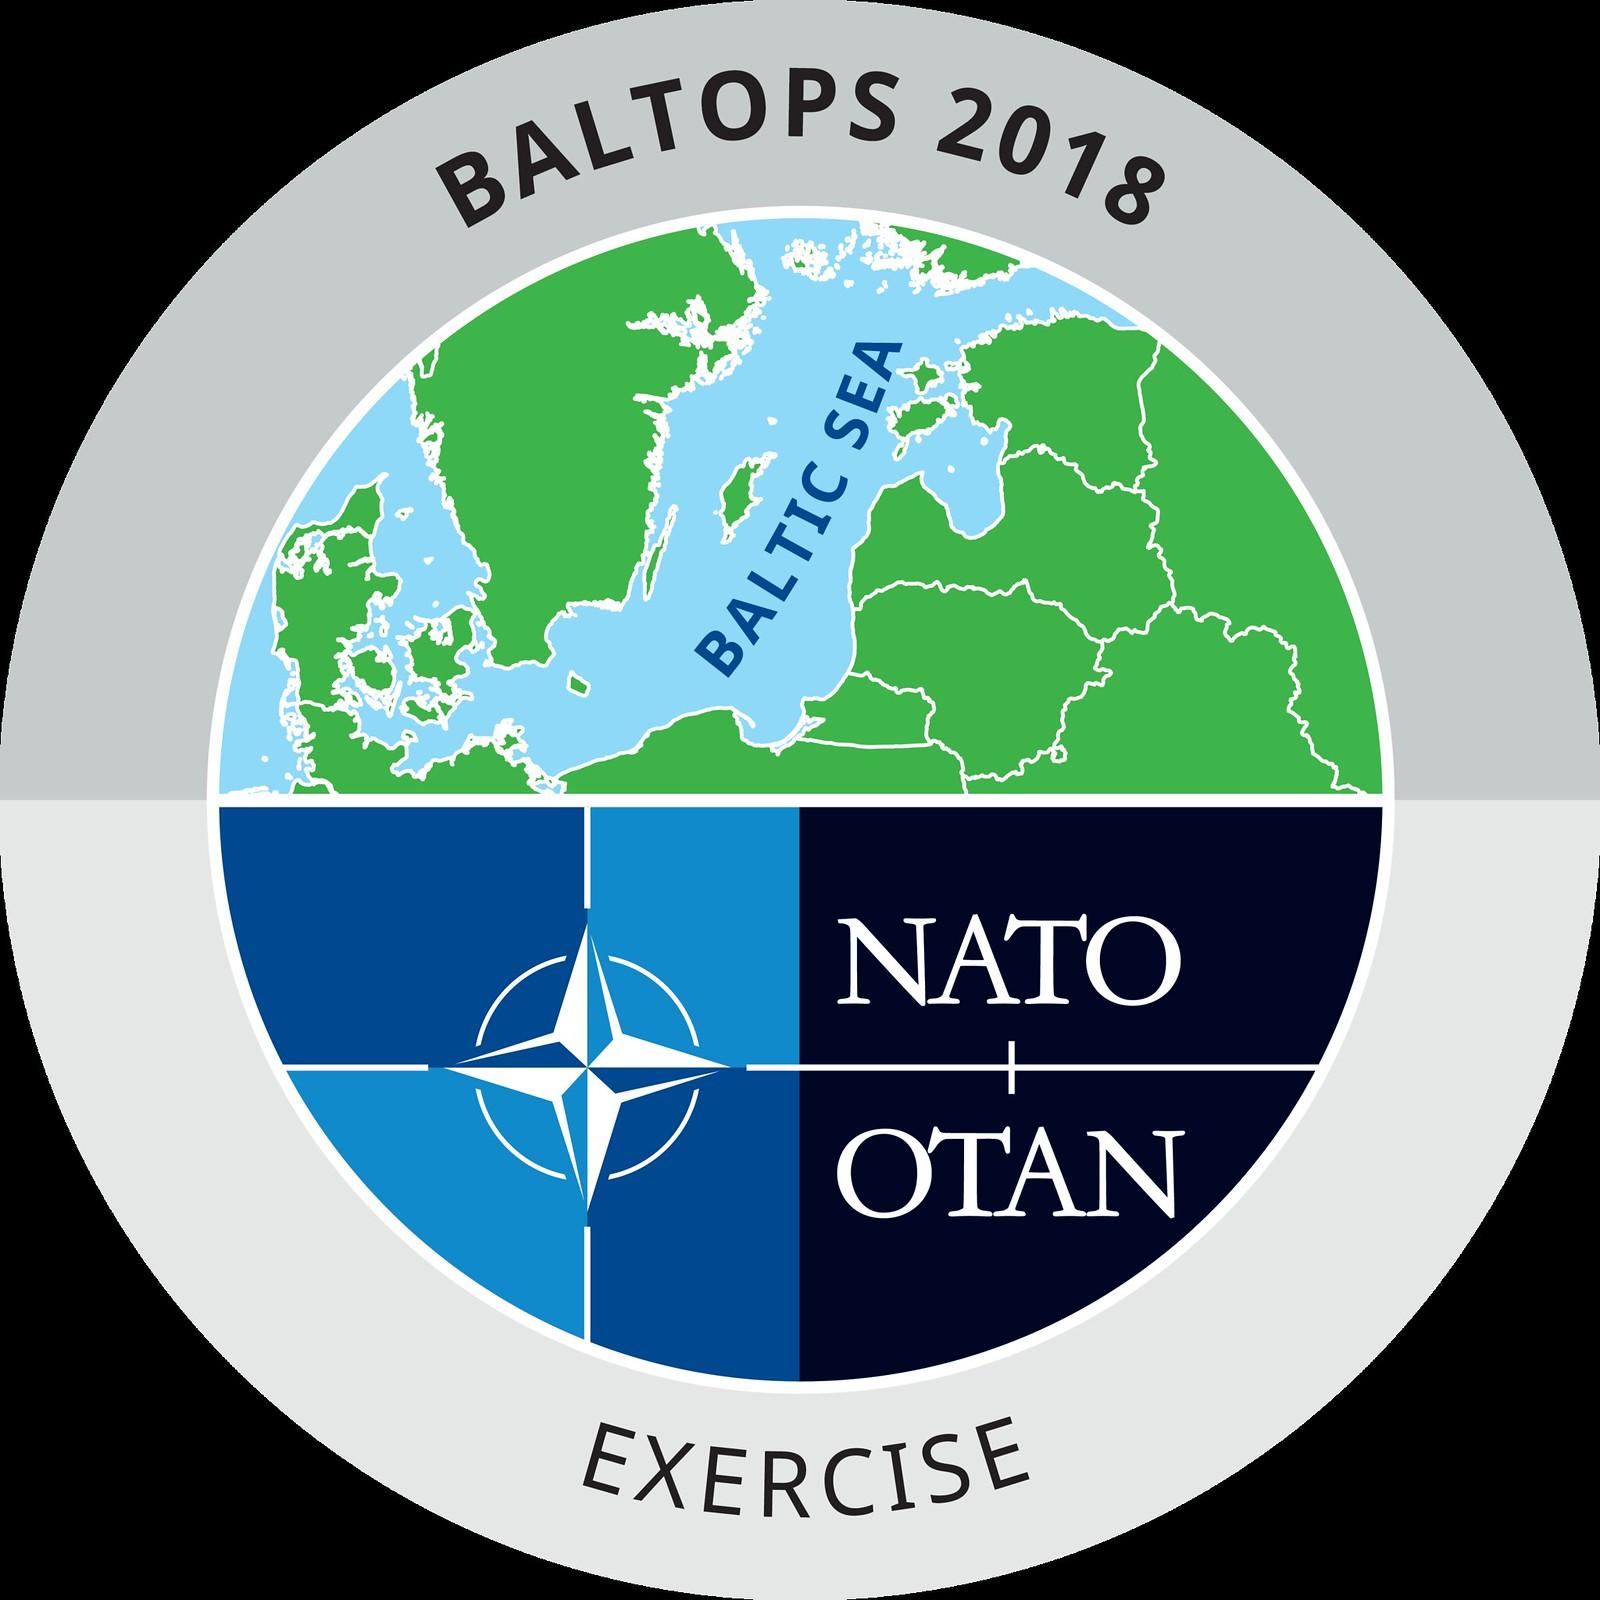 BALTOPS 2018 Official Logo